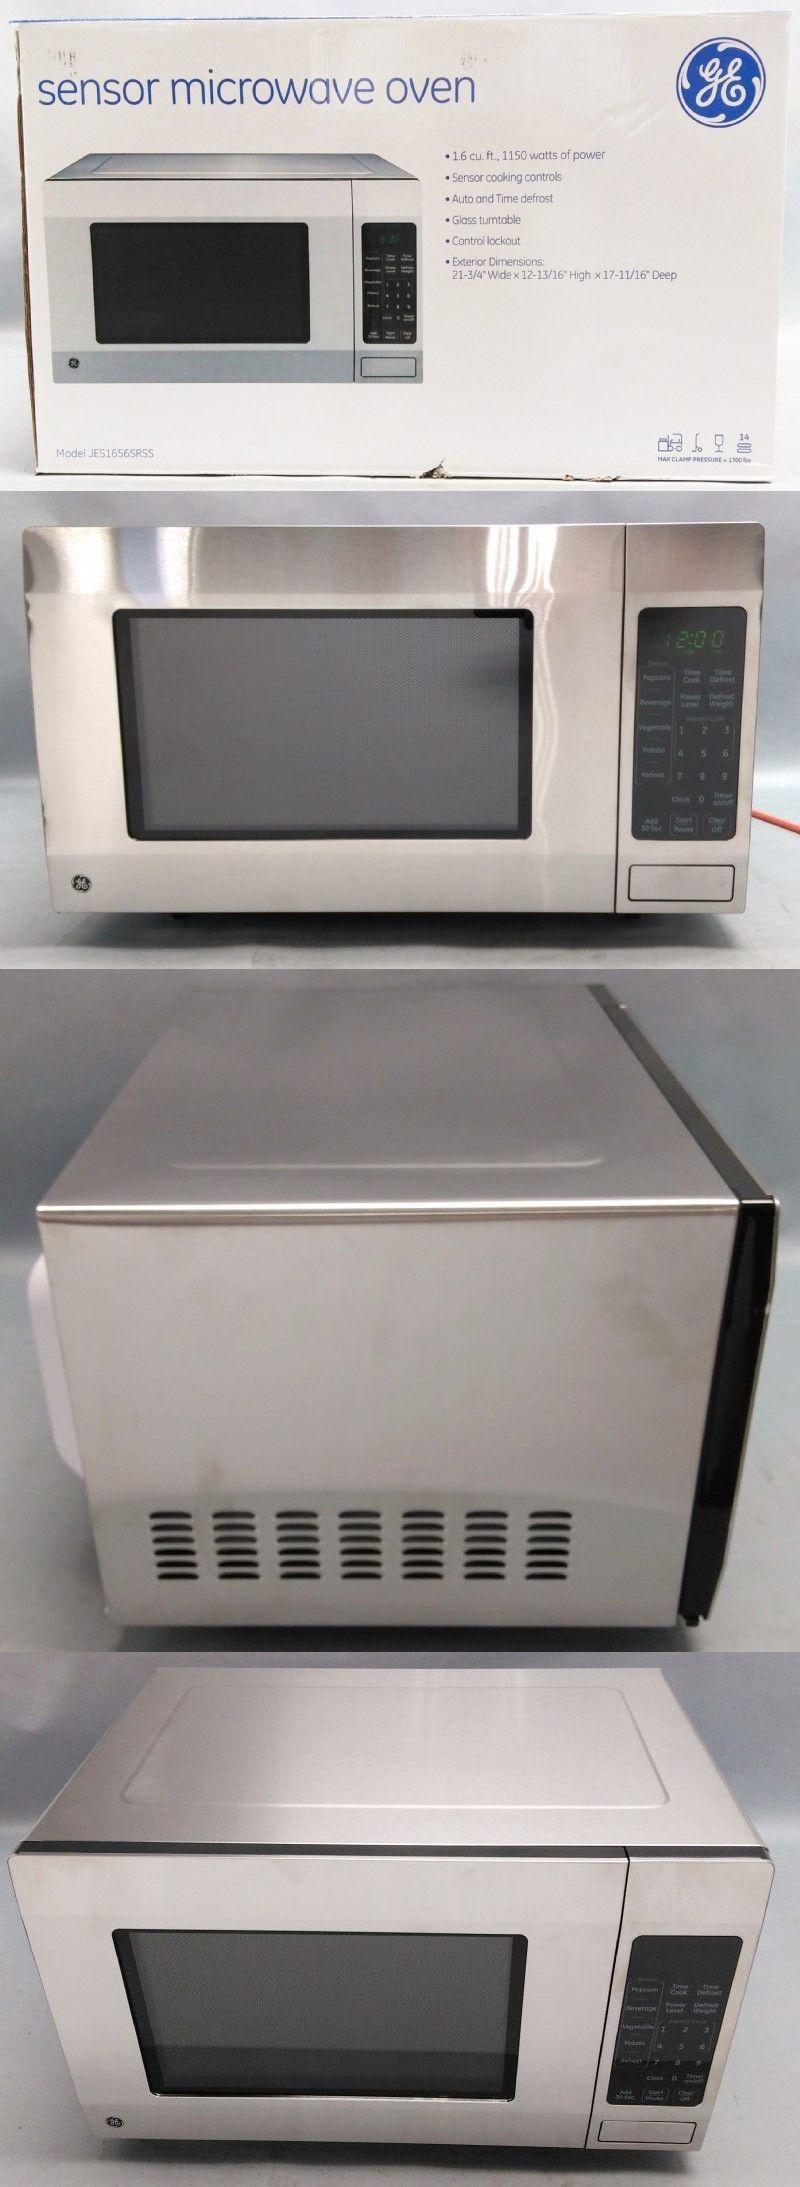 Microwave Ovens 150140 Ge 1150 Watt Stainless Steel 1 6 Cu Ft Microwave Oven Jes1656srss Buy It No Microwave Countertop Microwave Countertop Microwave Oven